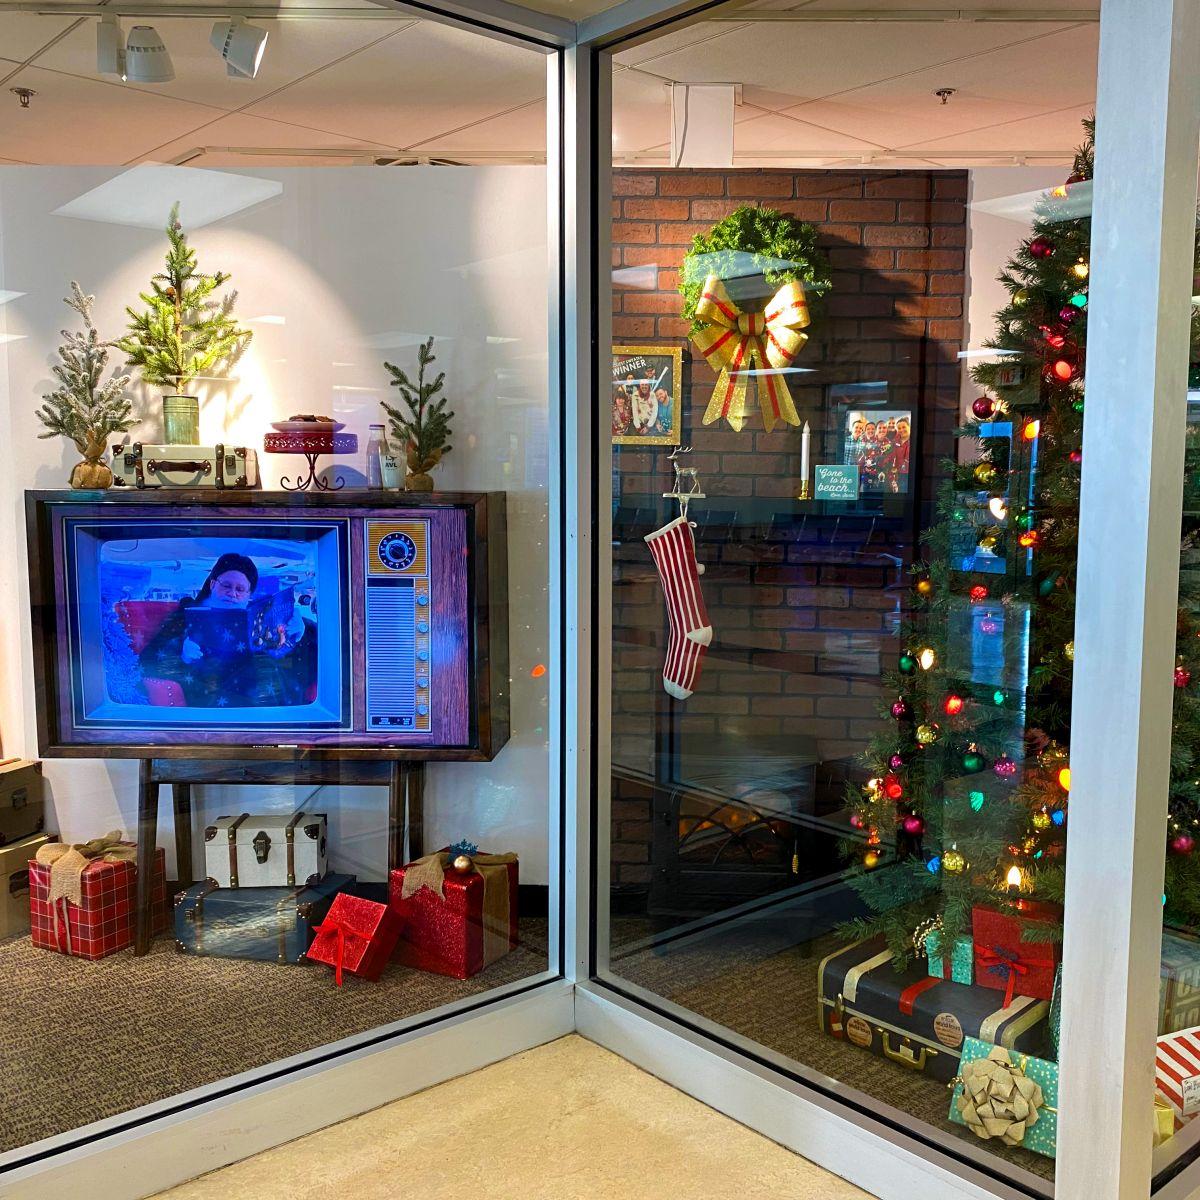 Santa — Magic TV